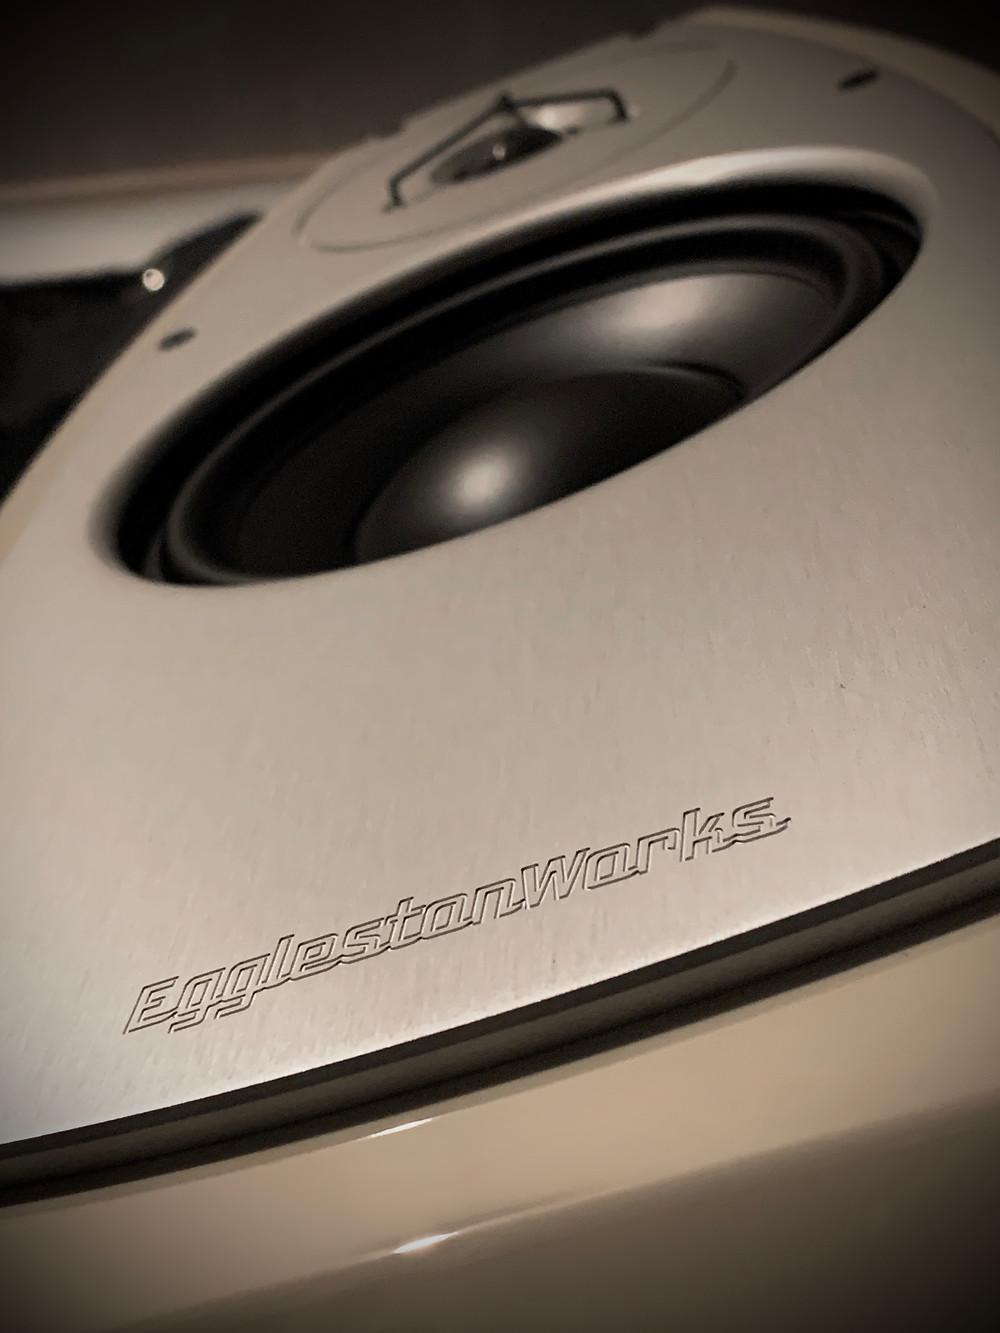 EgglestonWorks Nico EVOlution loudspeakers